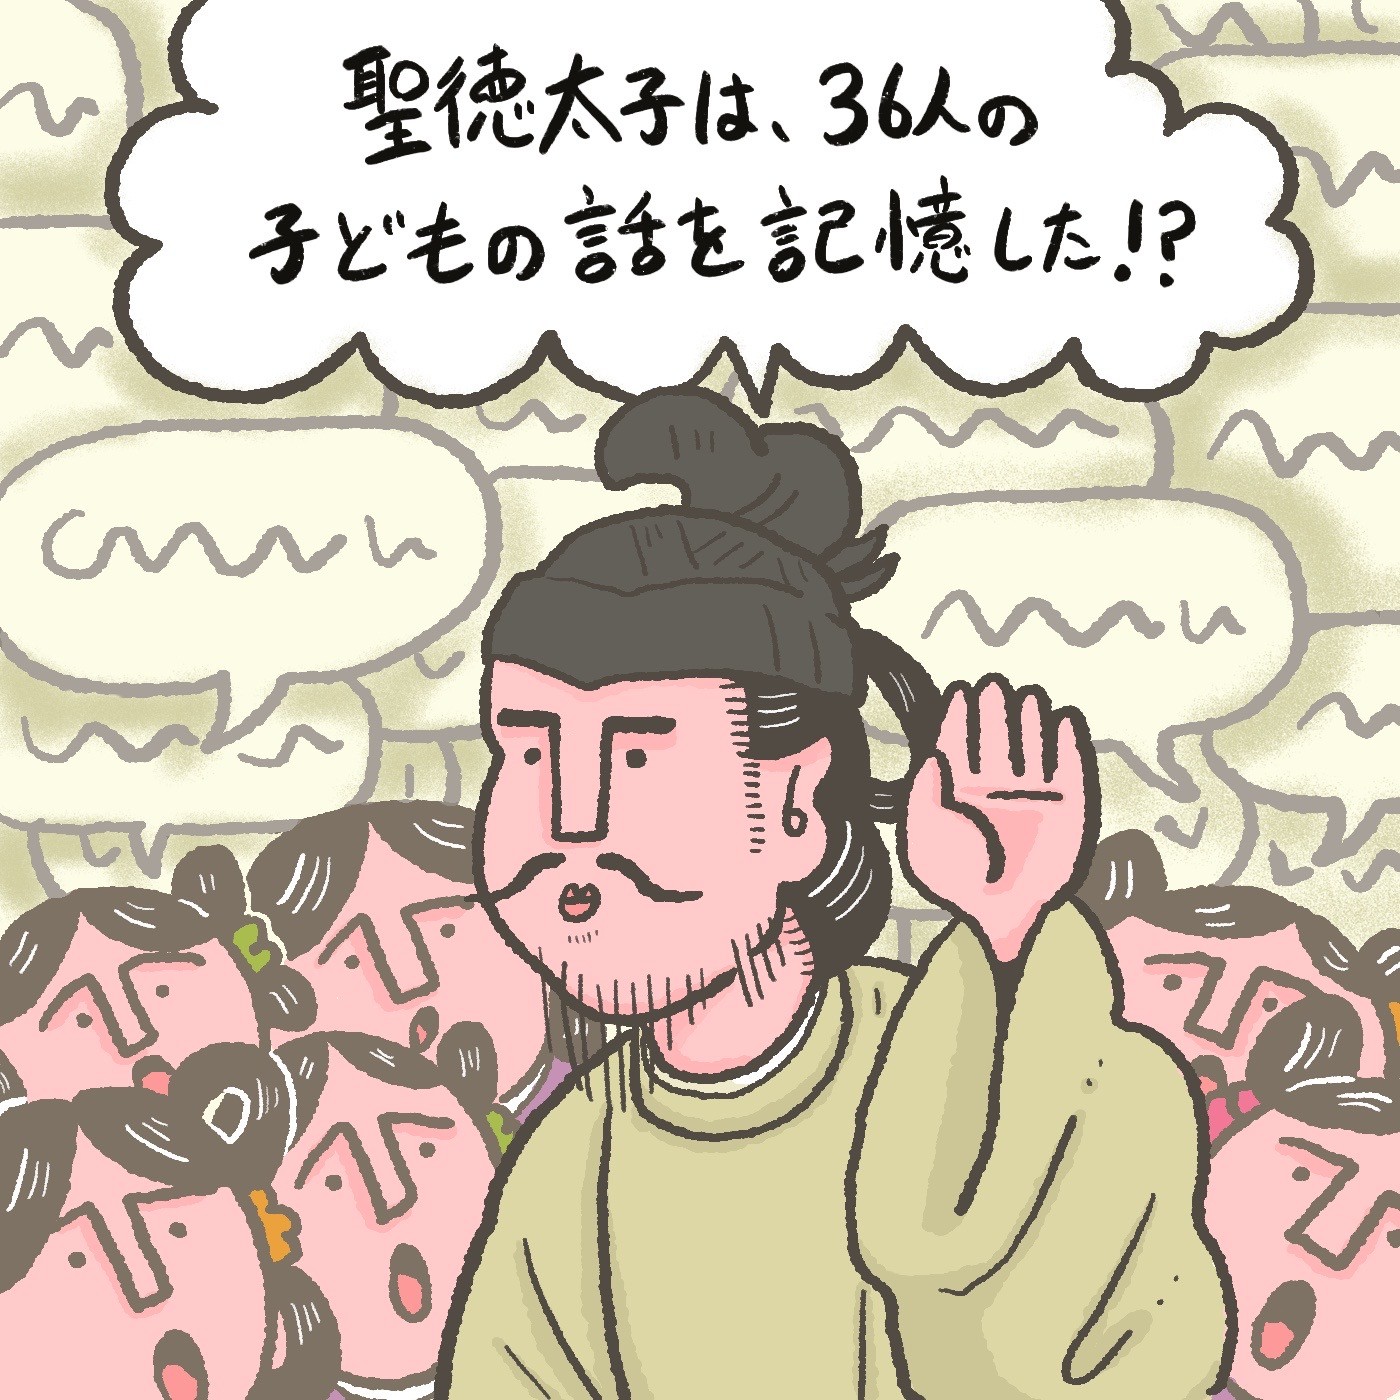 聖徳太子 OBIKAKE ナニソレ